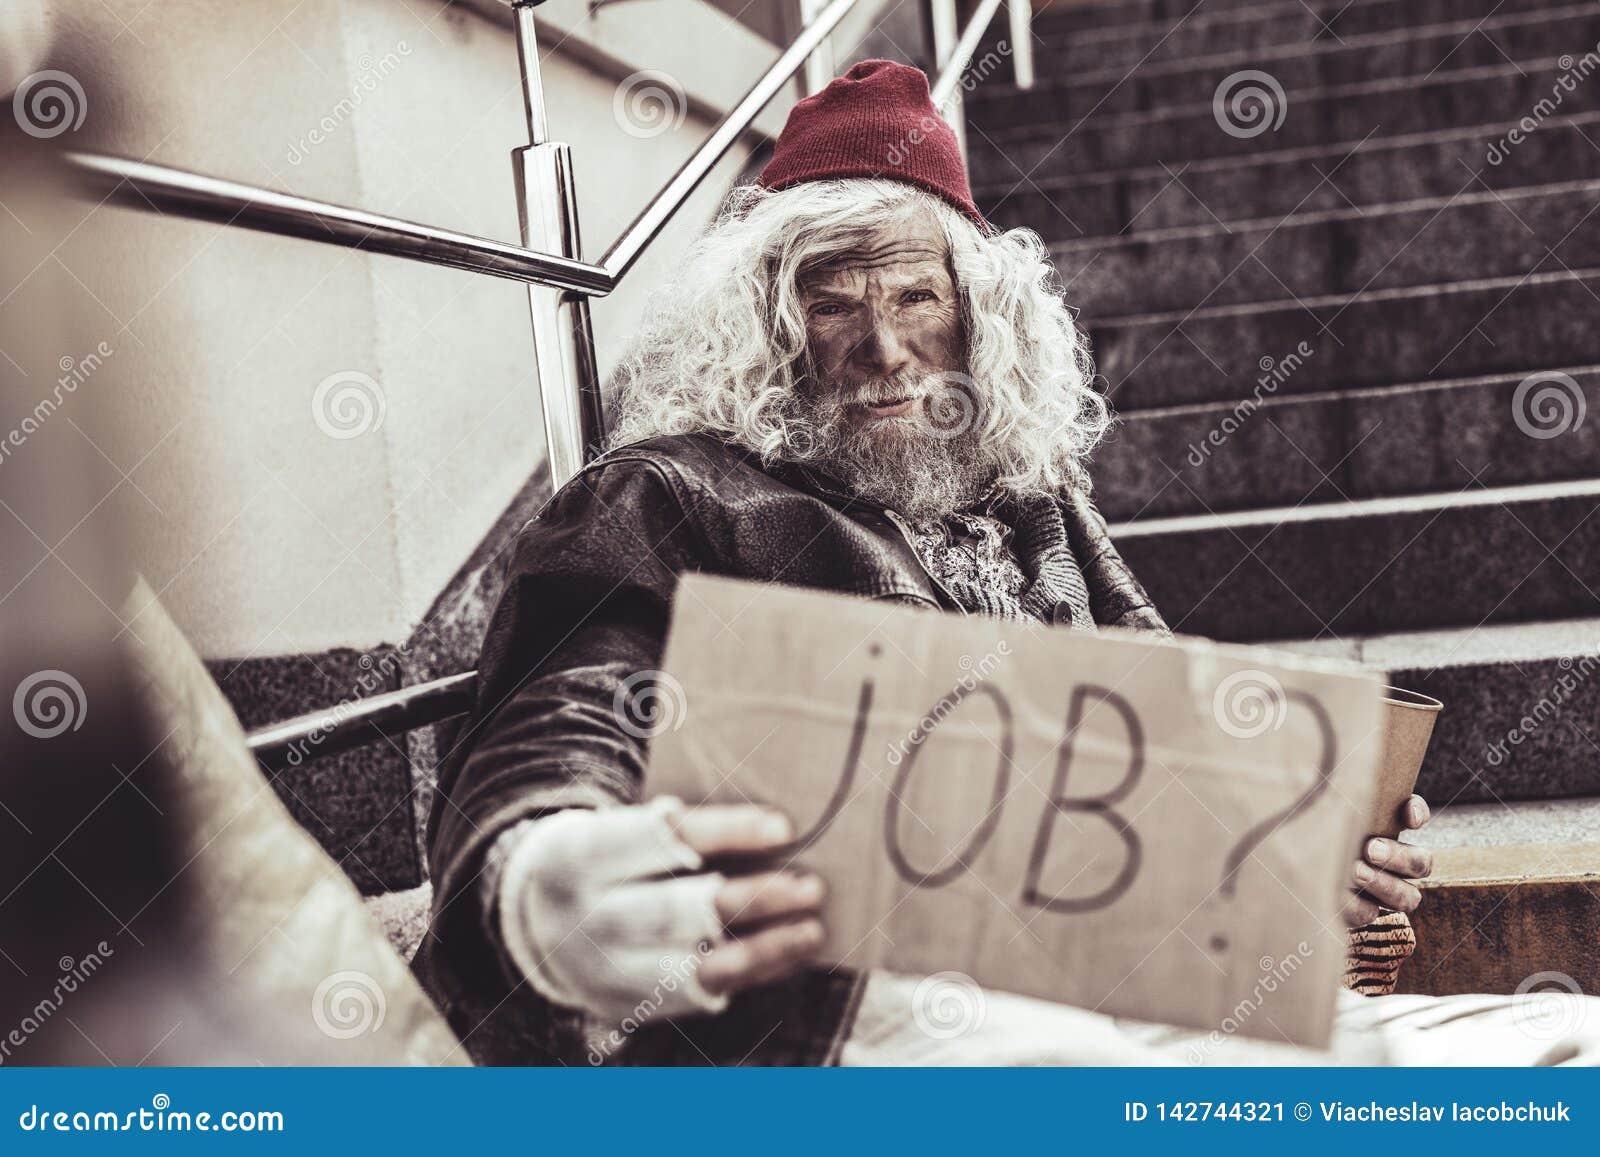 Besvärad almsman som frågar främling om något jobb för honom